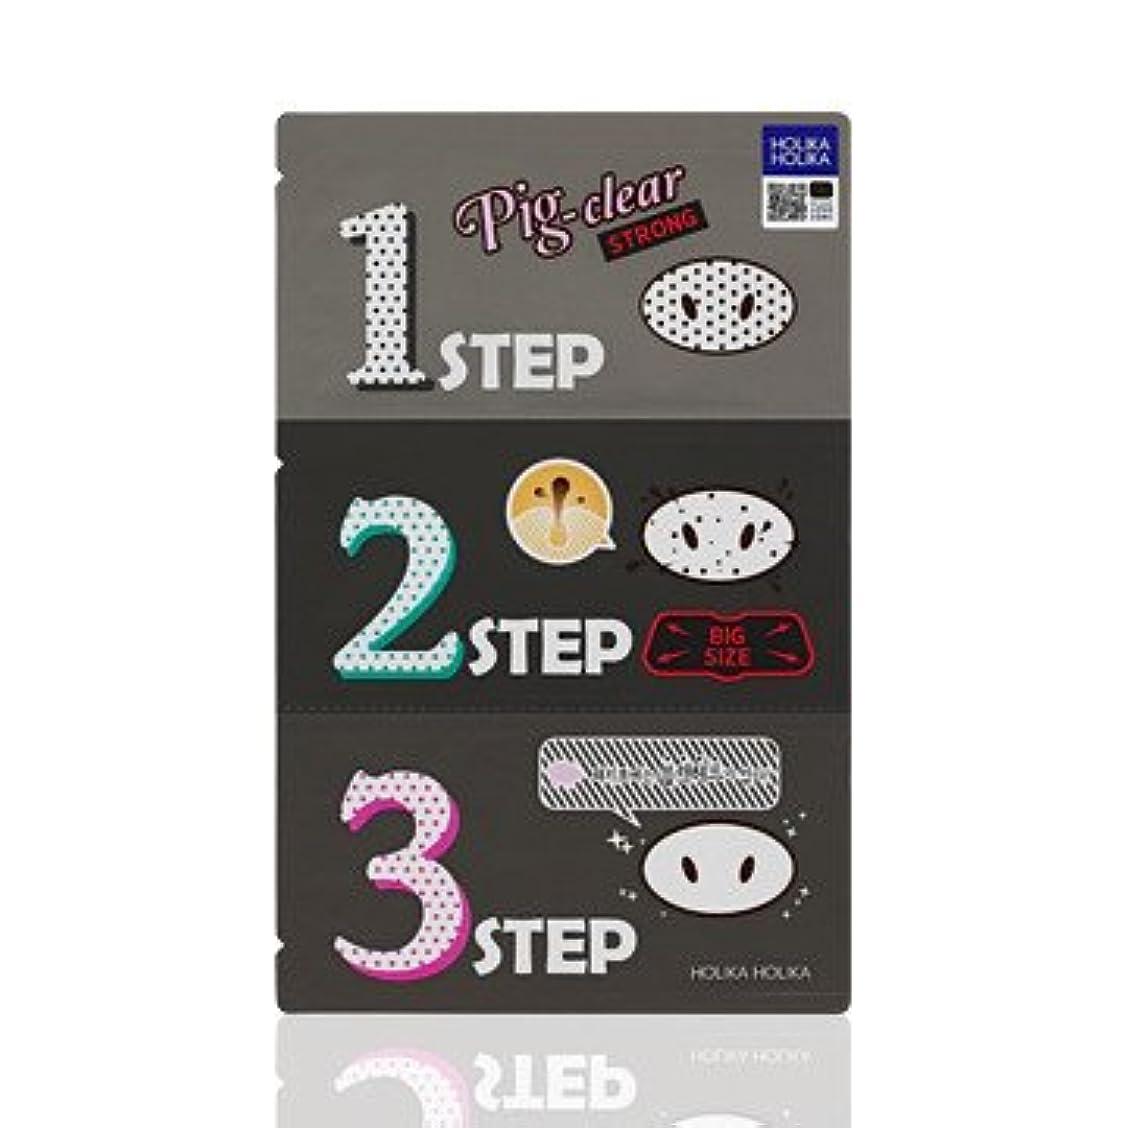 分離意欲素晴らしいHolika Holika Pig Nose Clear Black Head 3-Step Kit 10EA